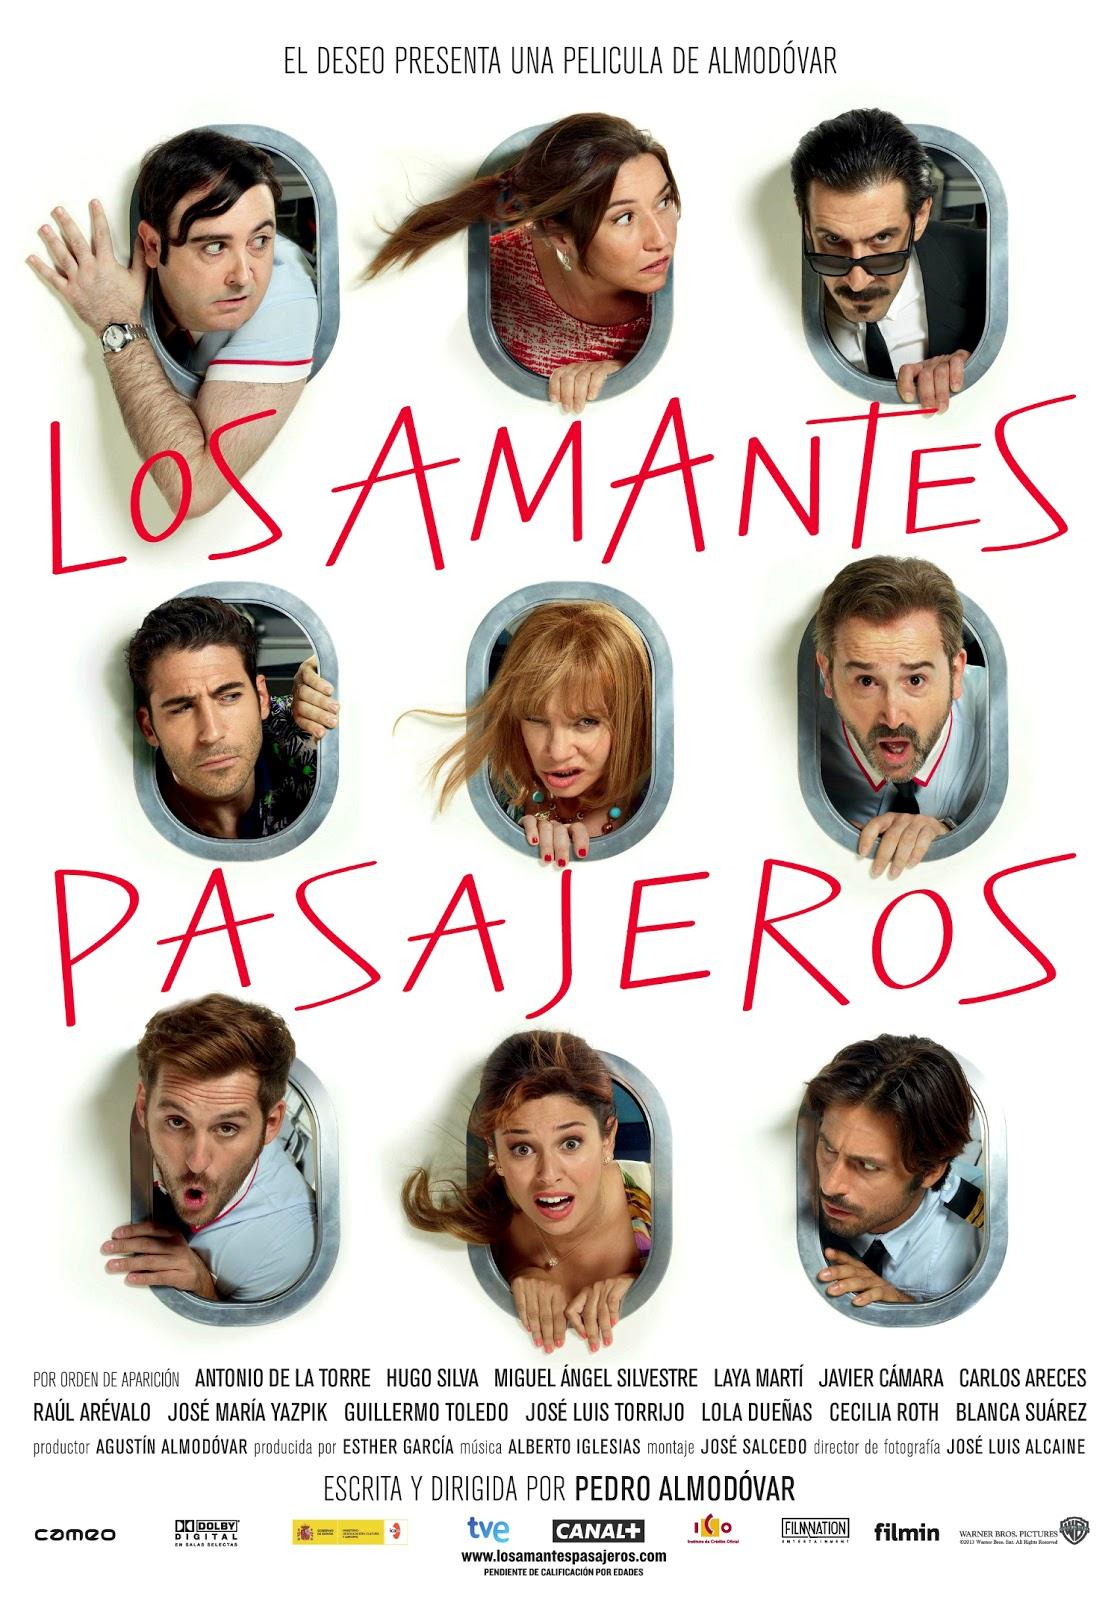 http://2.bp.blogspot.com/-fIIgE1zko8w/UTxrvuCd9KI/AAAAAAAAZVg/EdzUTZKb2to/s1600/Los+Amantes+Pasajeros_poster.jpg